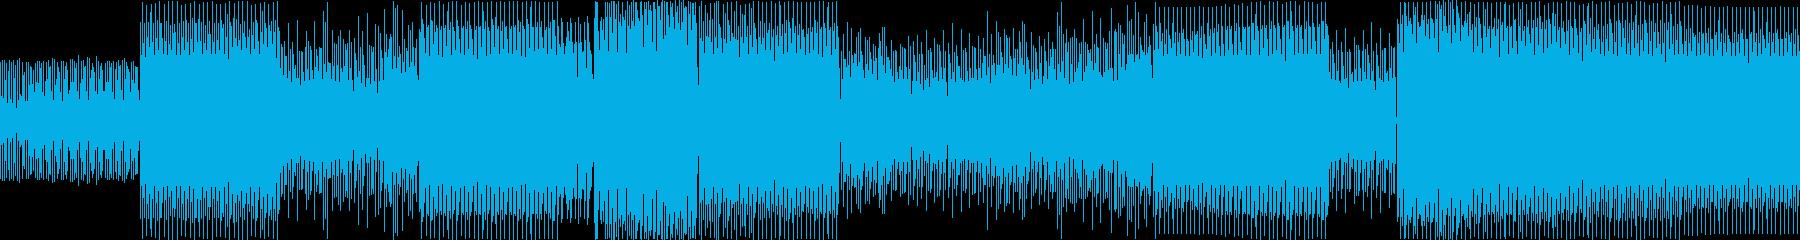 テックハウス。ラップの再生済みの波形